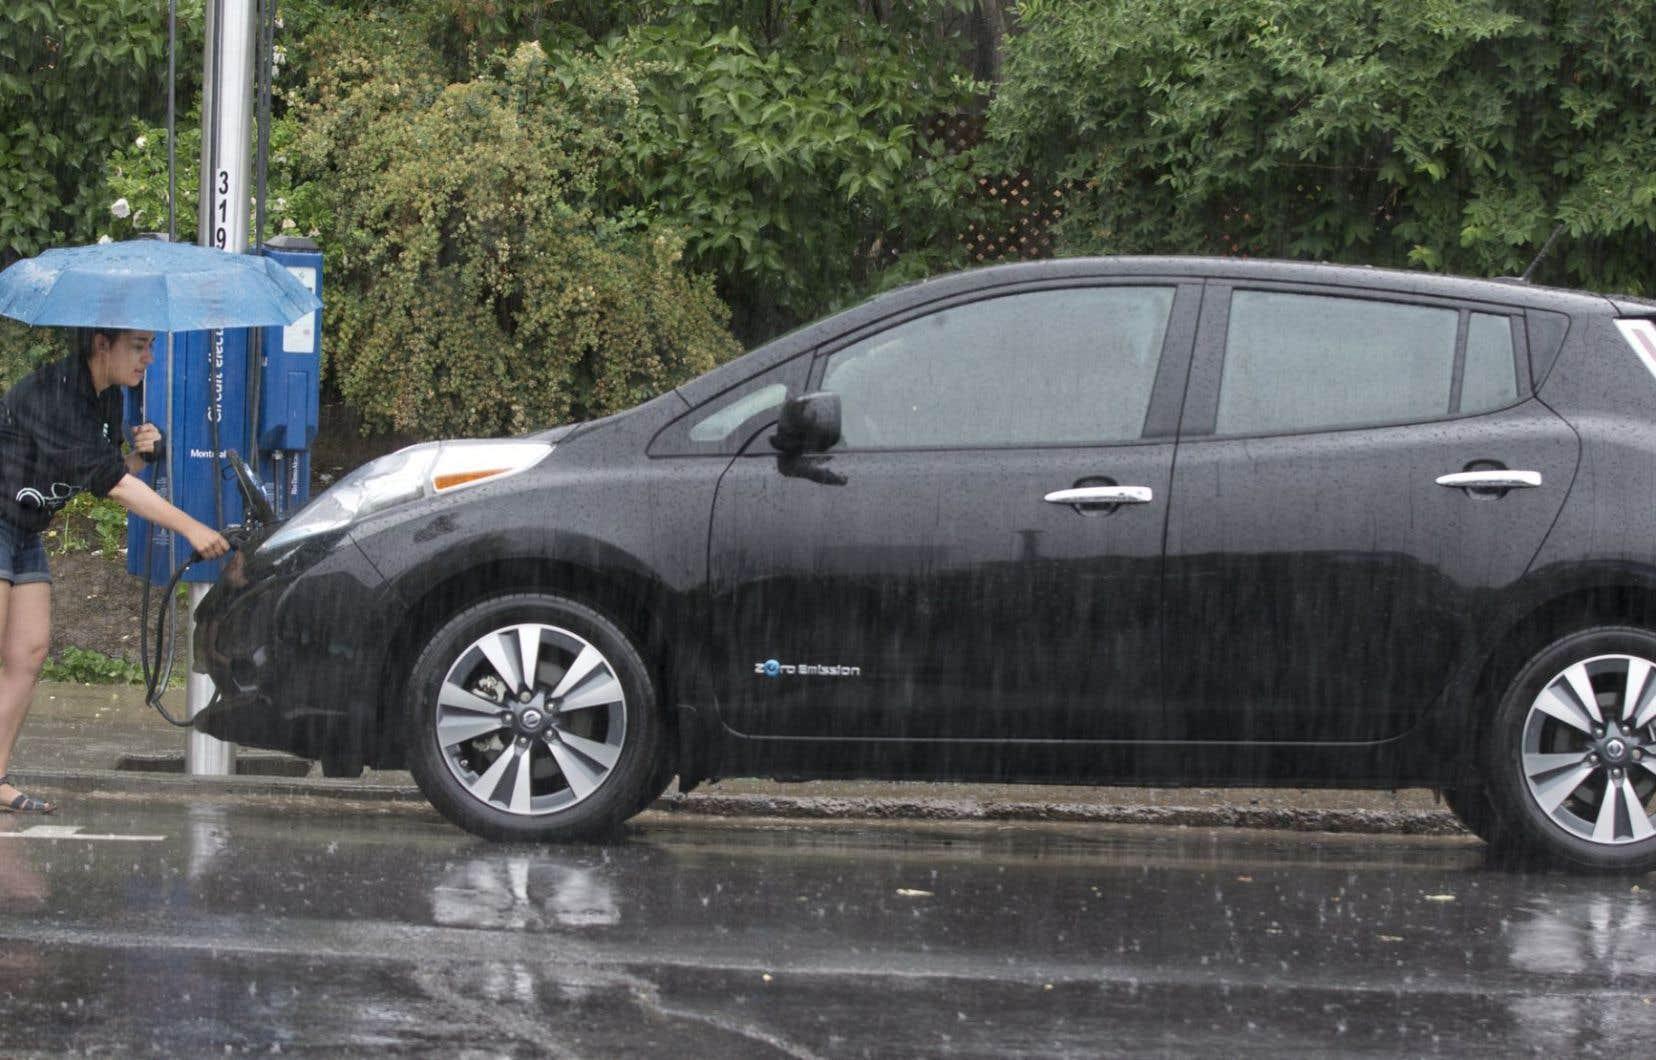 Il est plutôt facile, même sous la pluie, de recharger un véhicule électrique. Suffit de trouver les bornes et d'avoir un peu de temps devant soi.